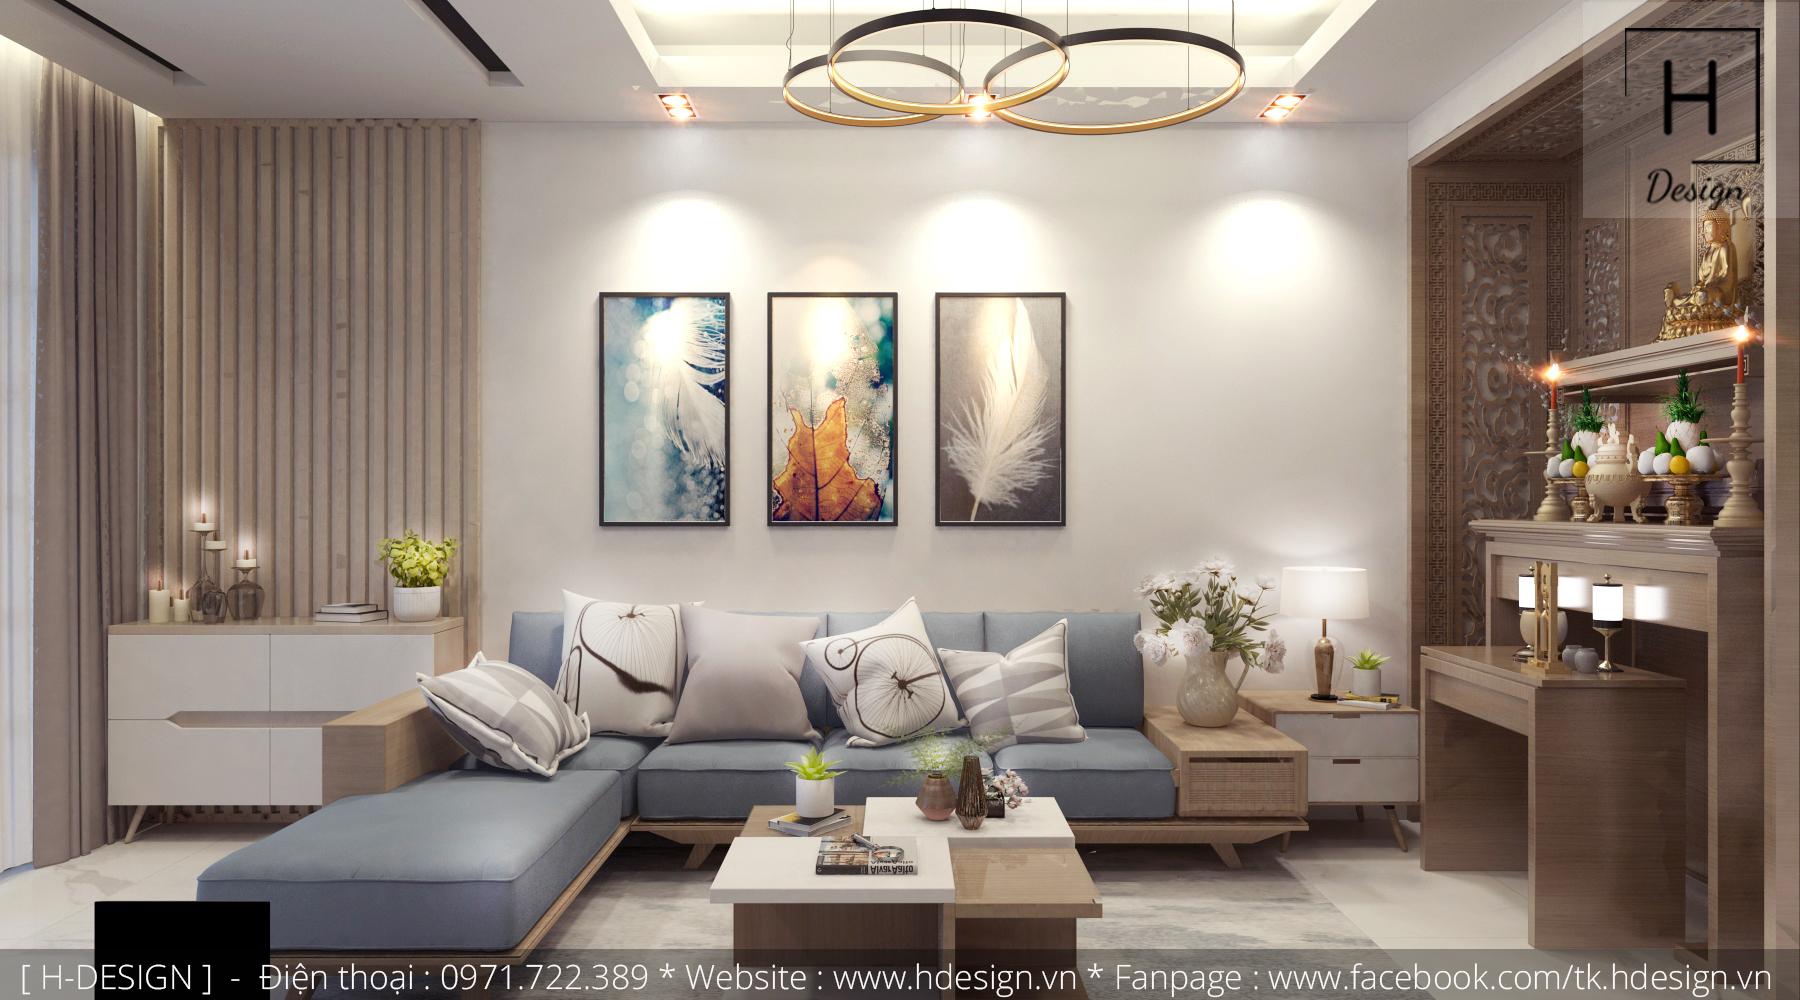 Thiết kế thi công nội thất nhà phố đẹp tại Mễ Trì - Hà Nội 5